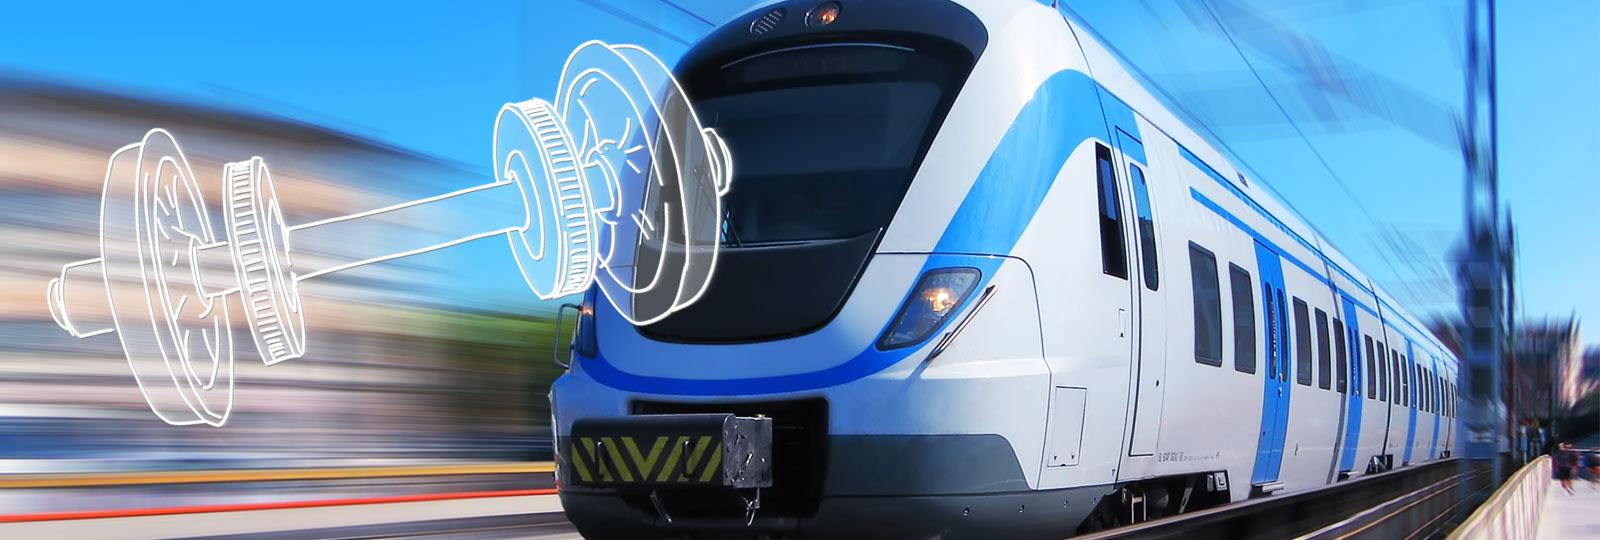 Bahn in Bewegung und Radsatz einer Bahn